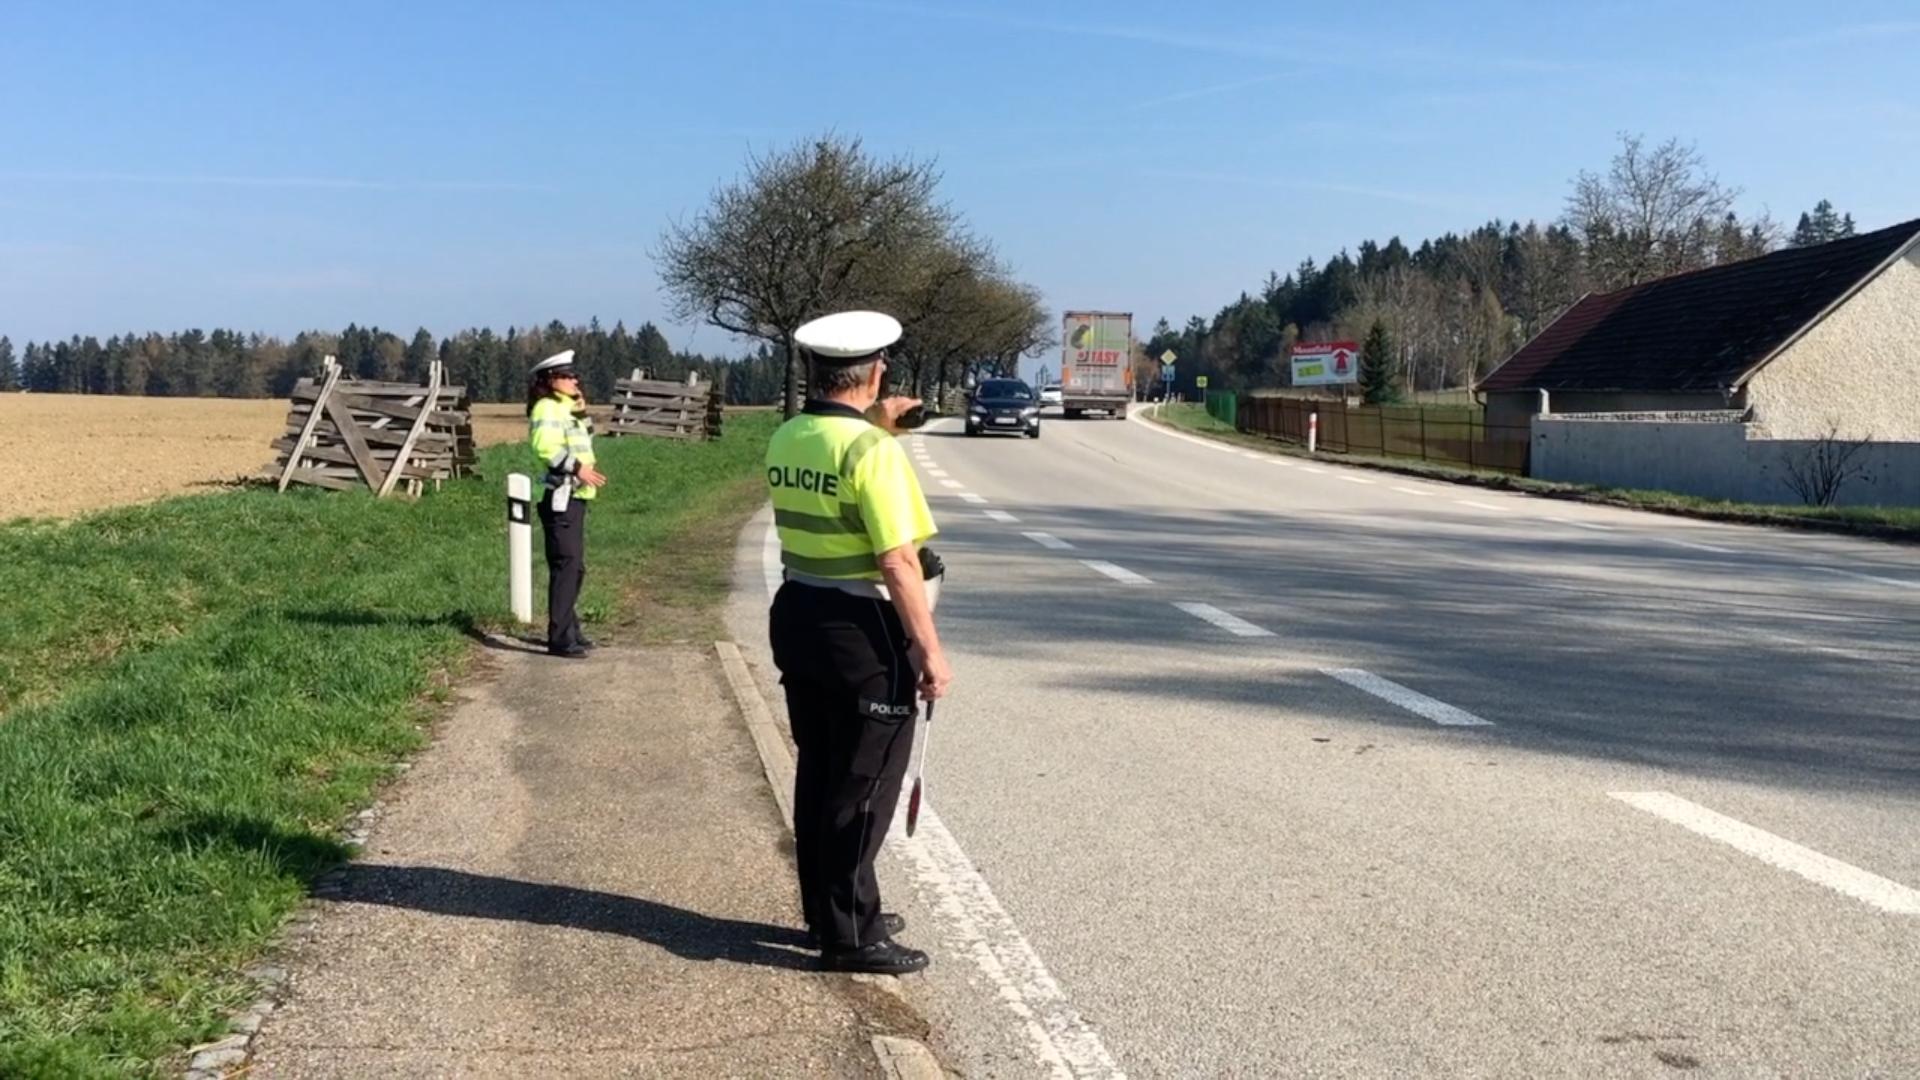 Policie zahájila velký zátah na řidiče. S radary obsadila stovky míst v republice